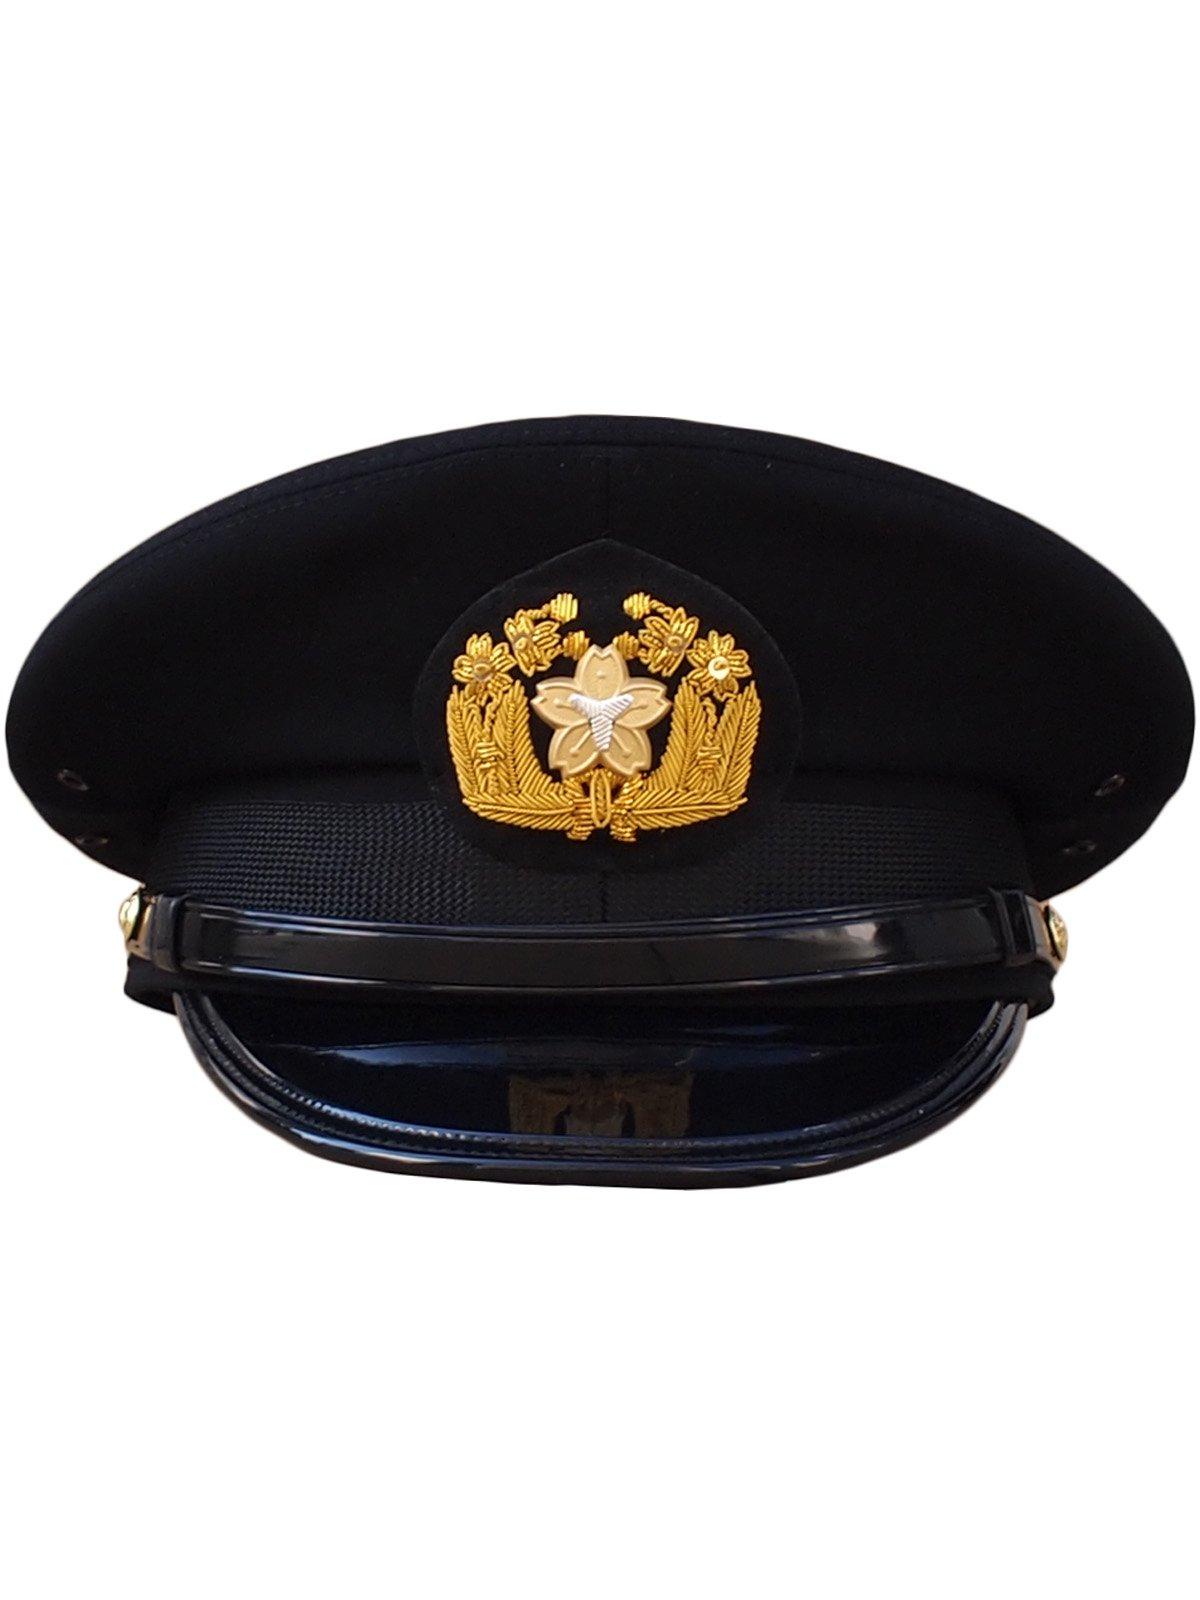 黒ドスキン冬制帽(甲種制帽)【画像2】